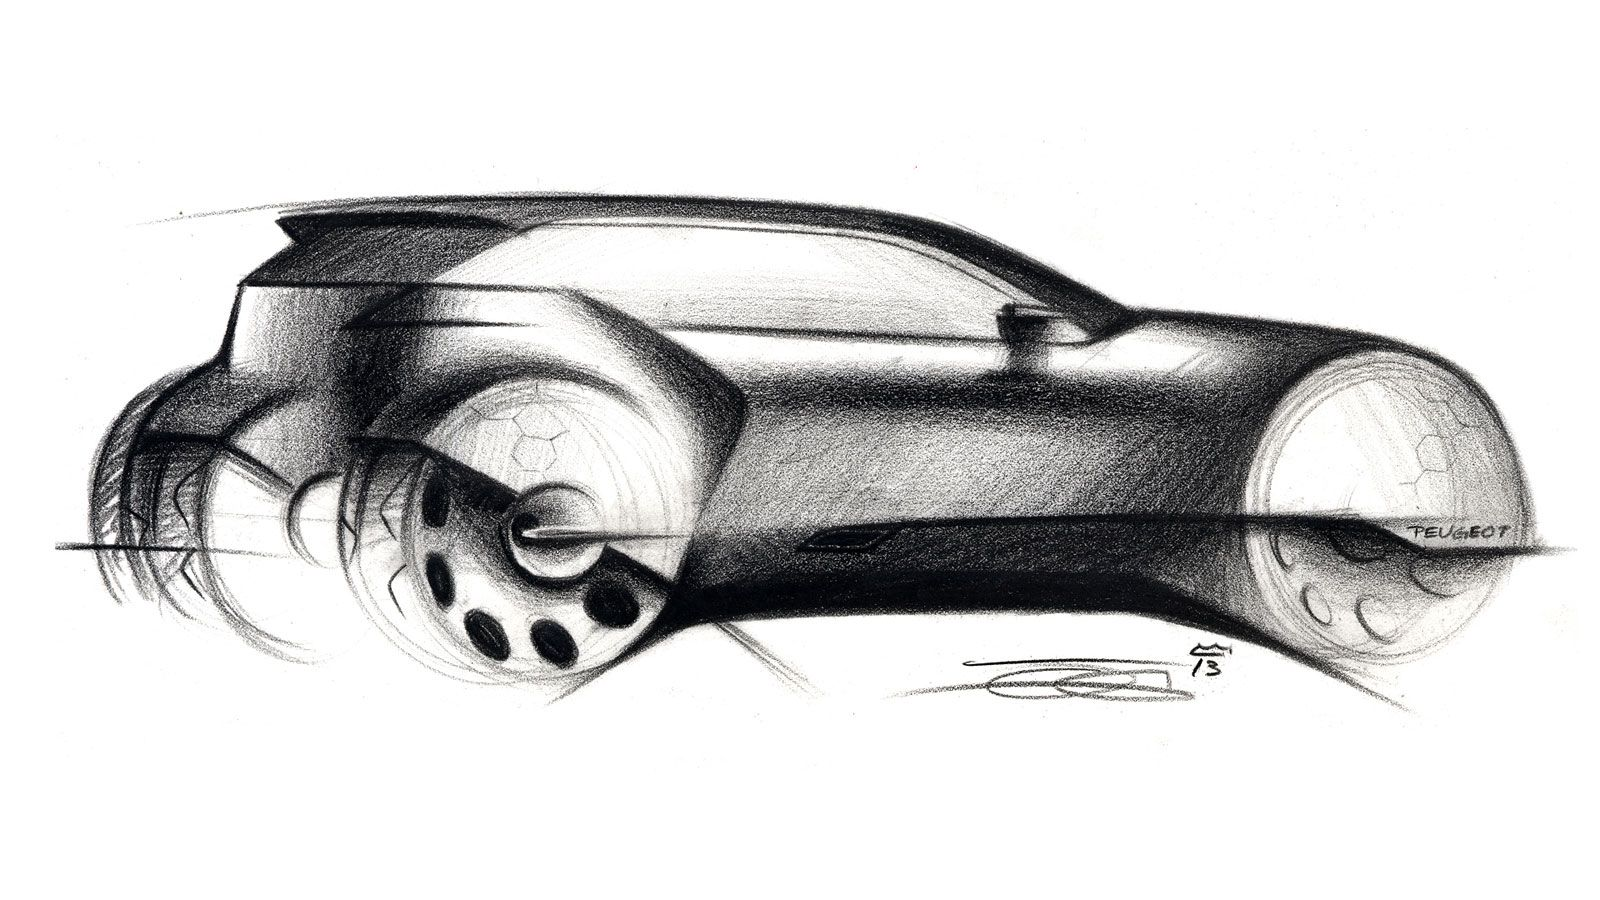 3rd price - Pencil interpretation by Olivier Gamiette